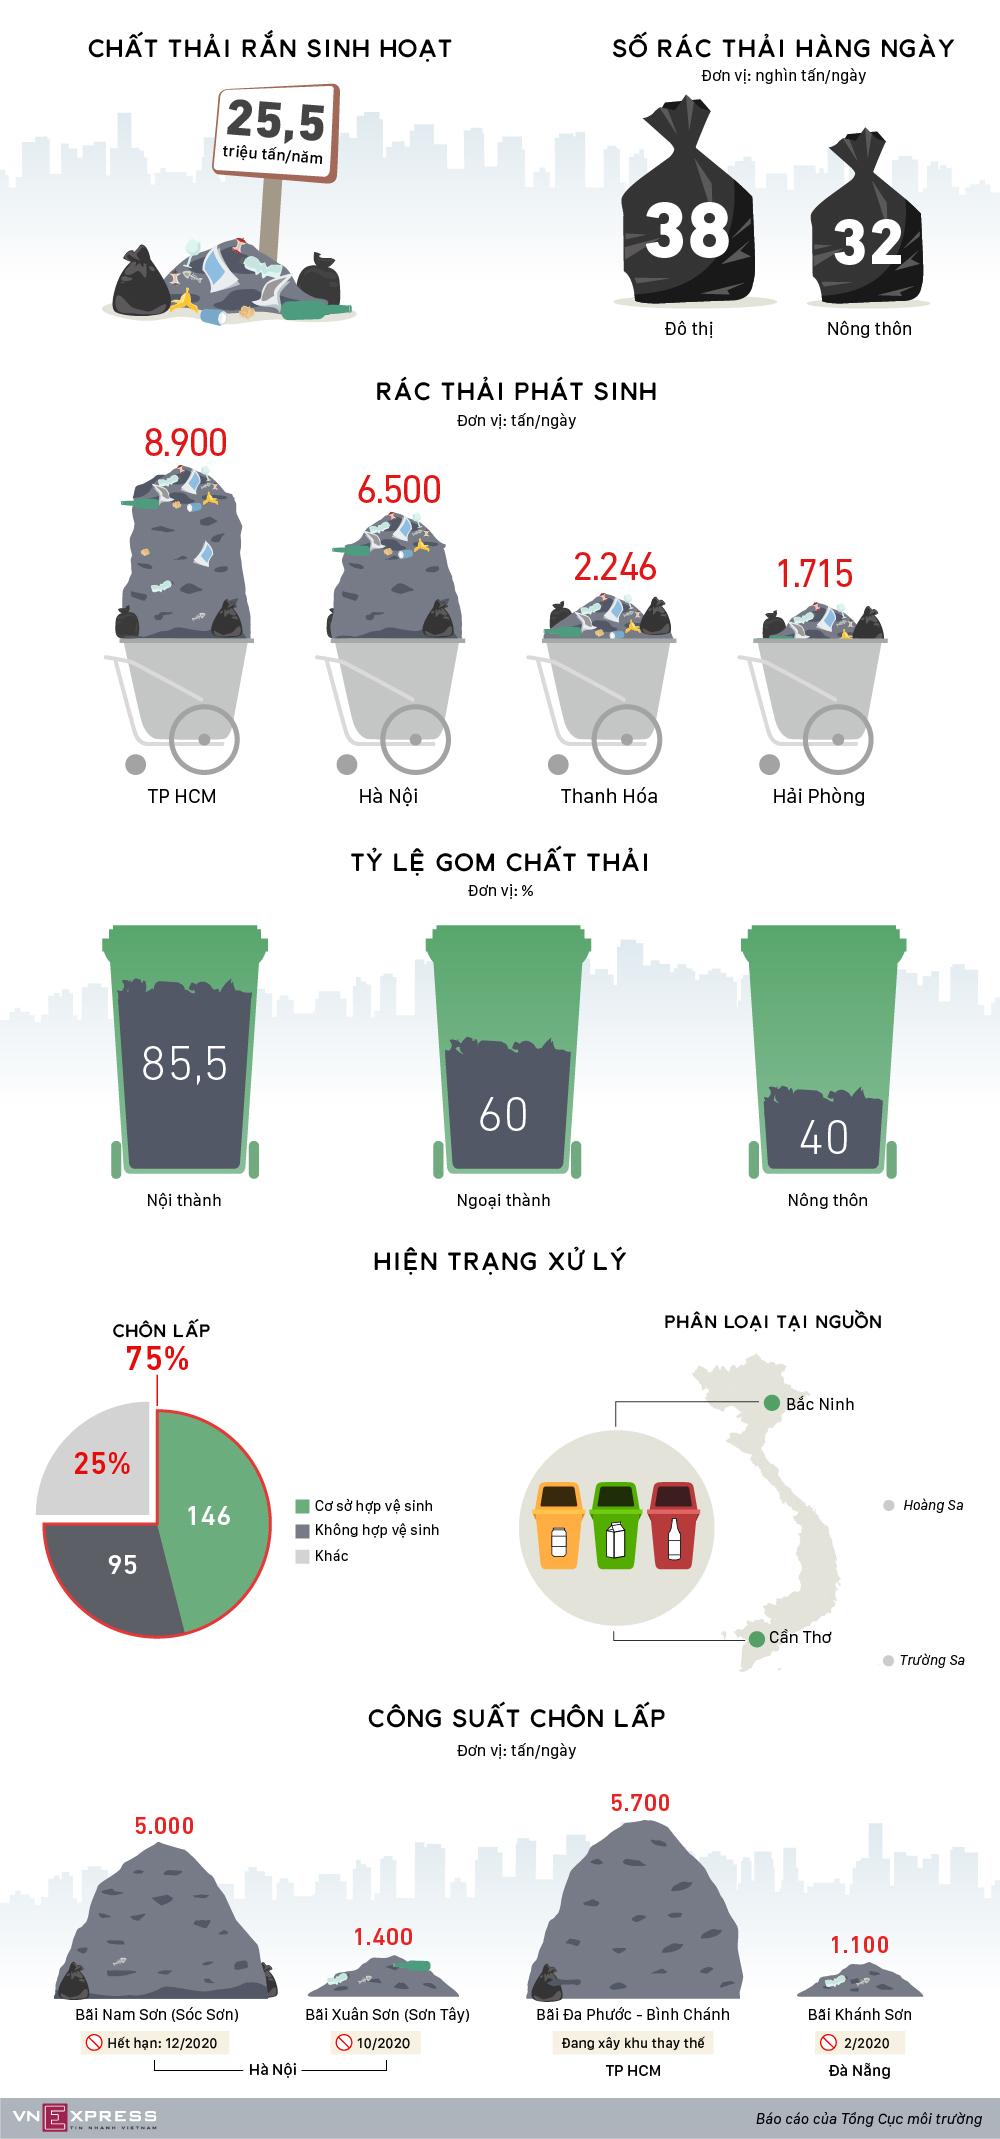 Hiện trạng xử lý rác thải sinh hoạt ở Việt Nam